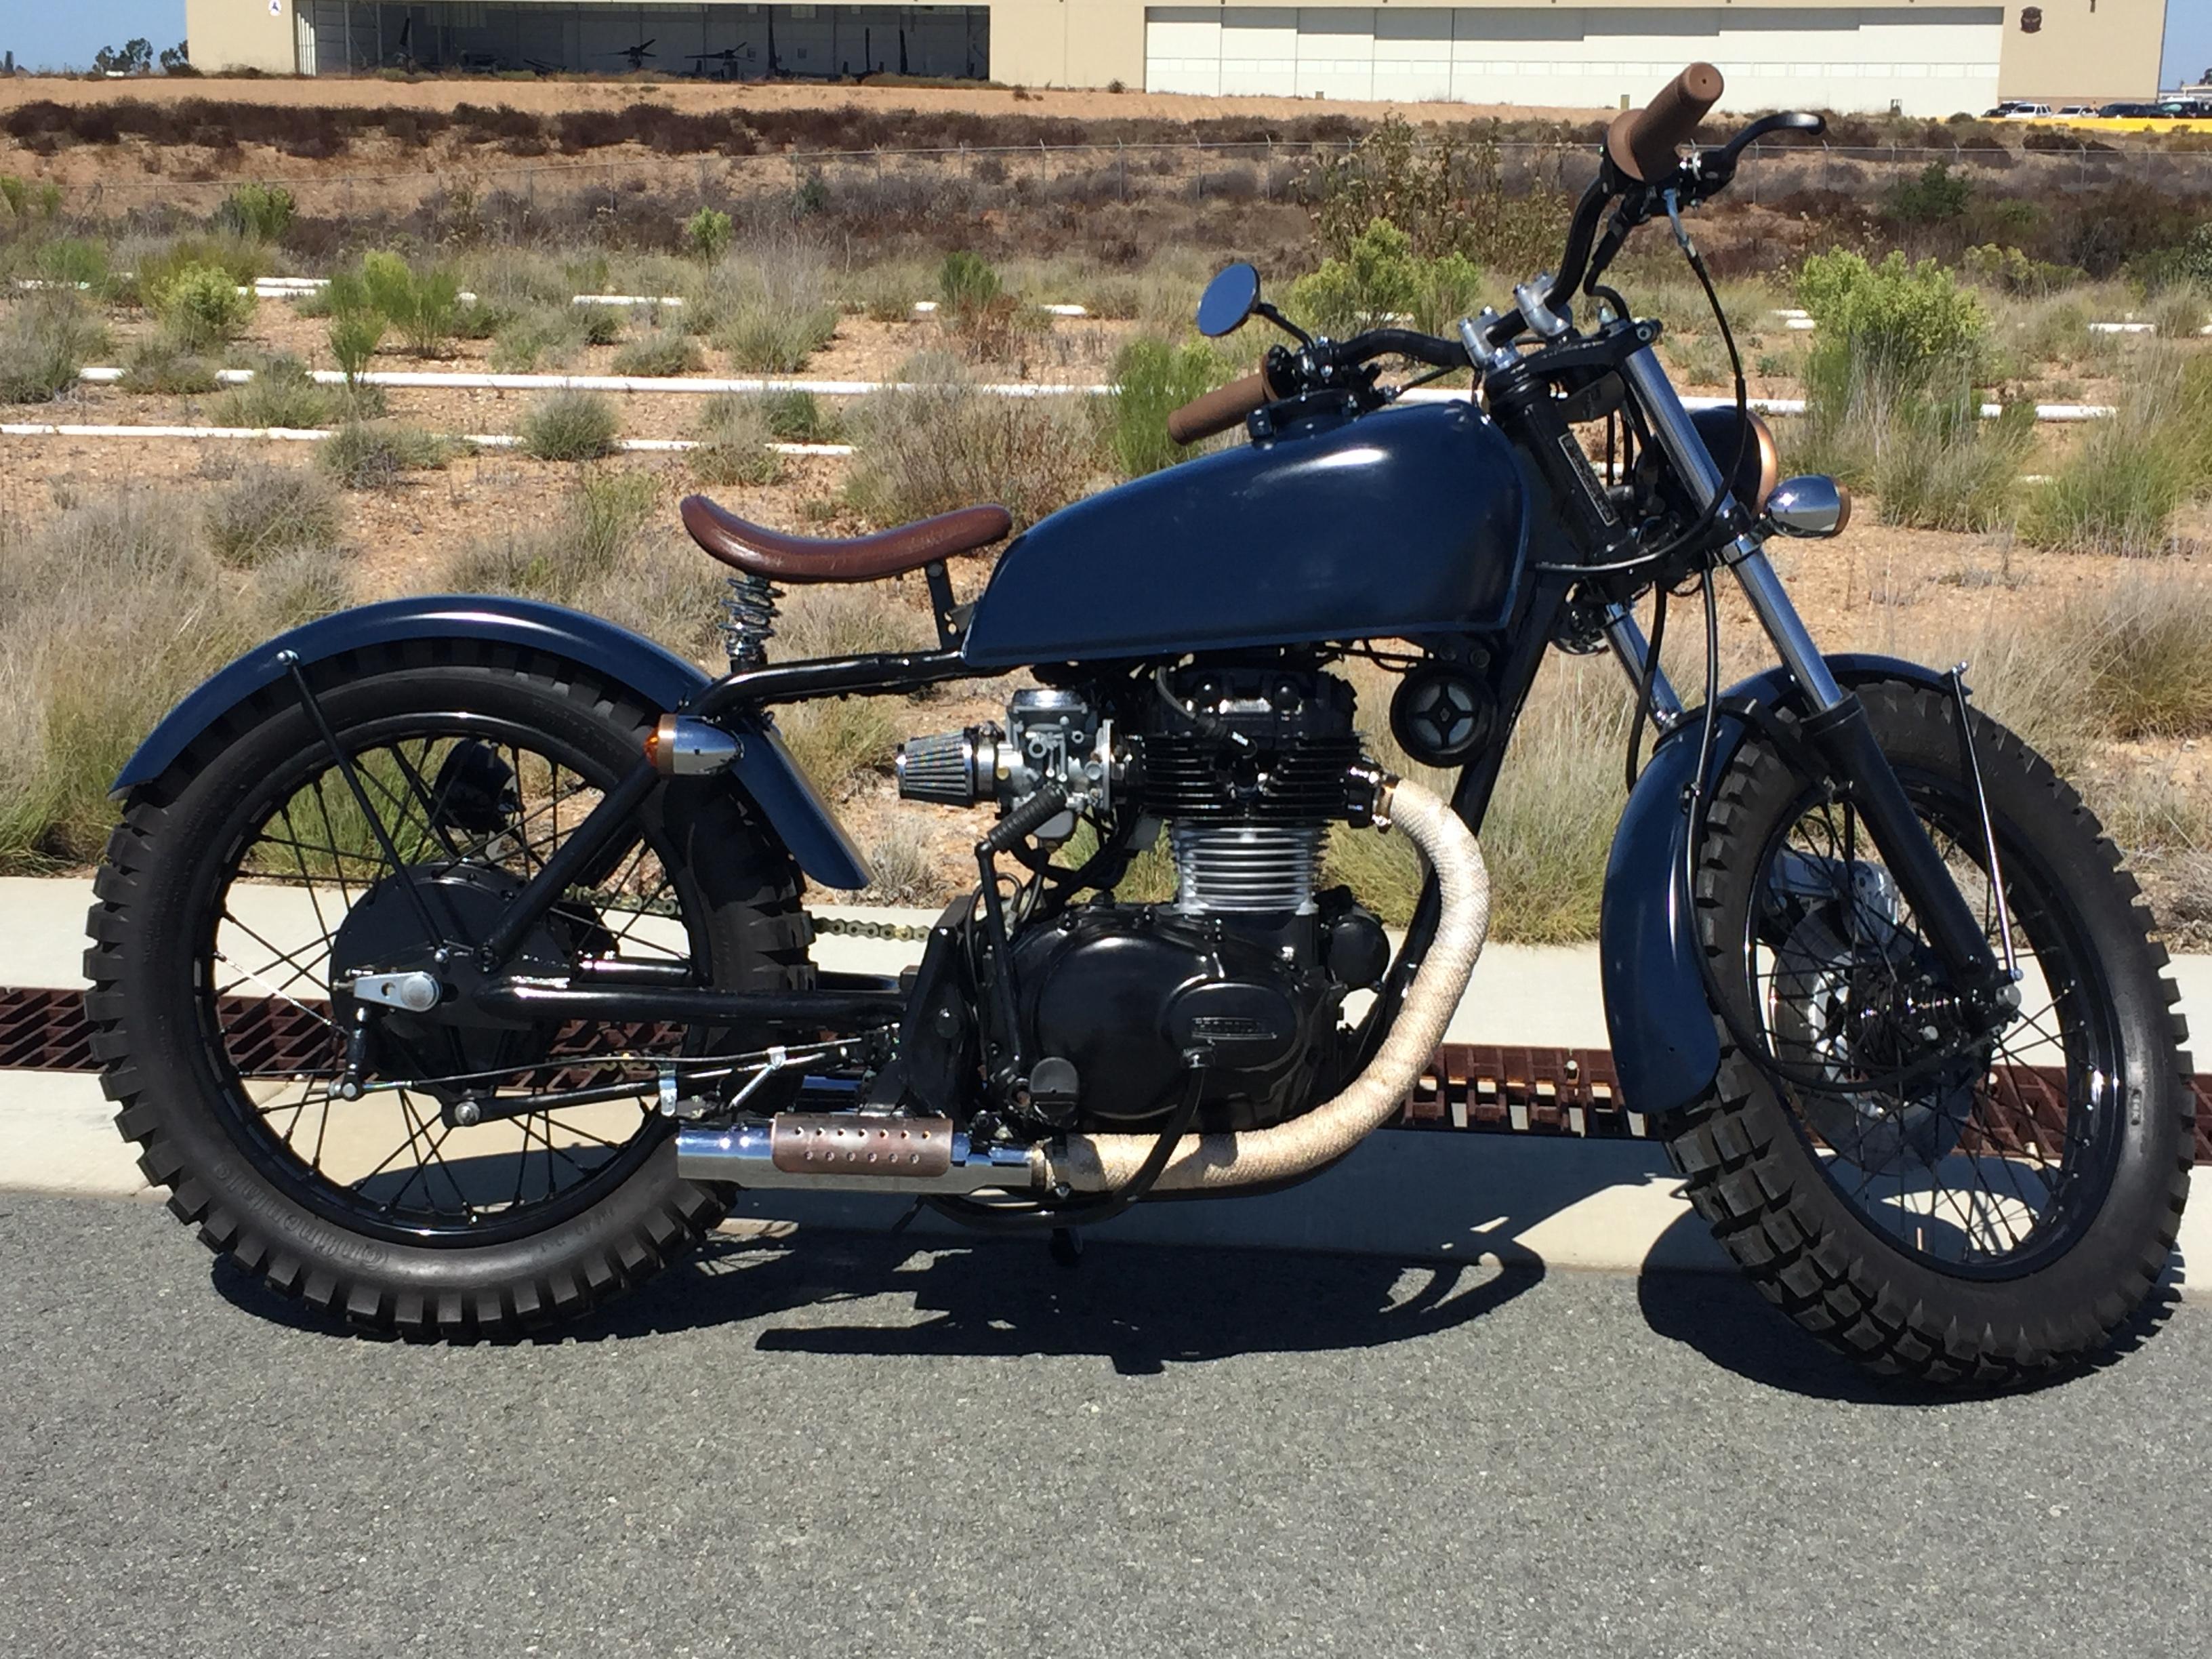 1974 Honda CB 360 After 9